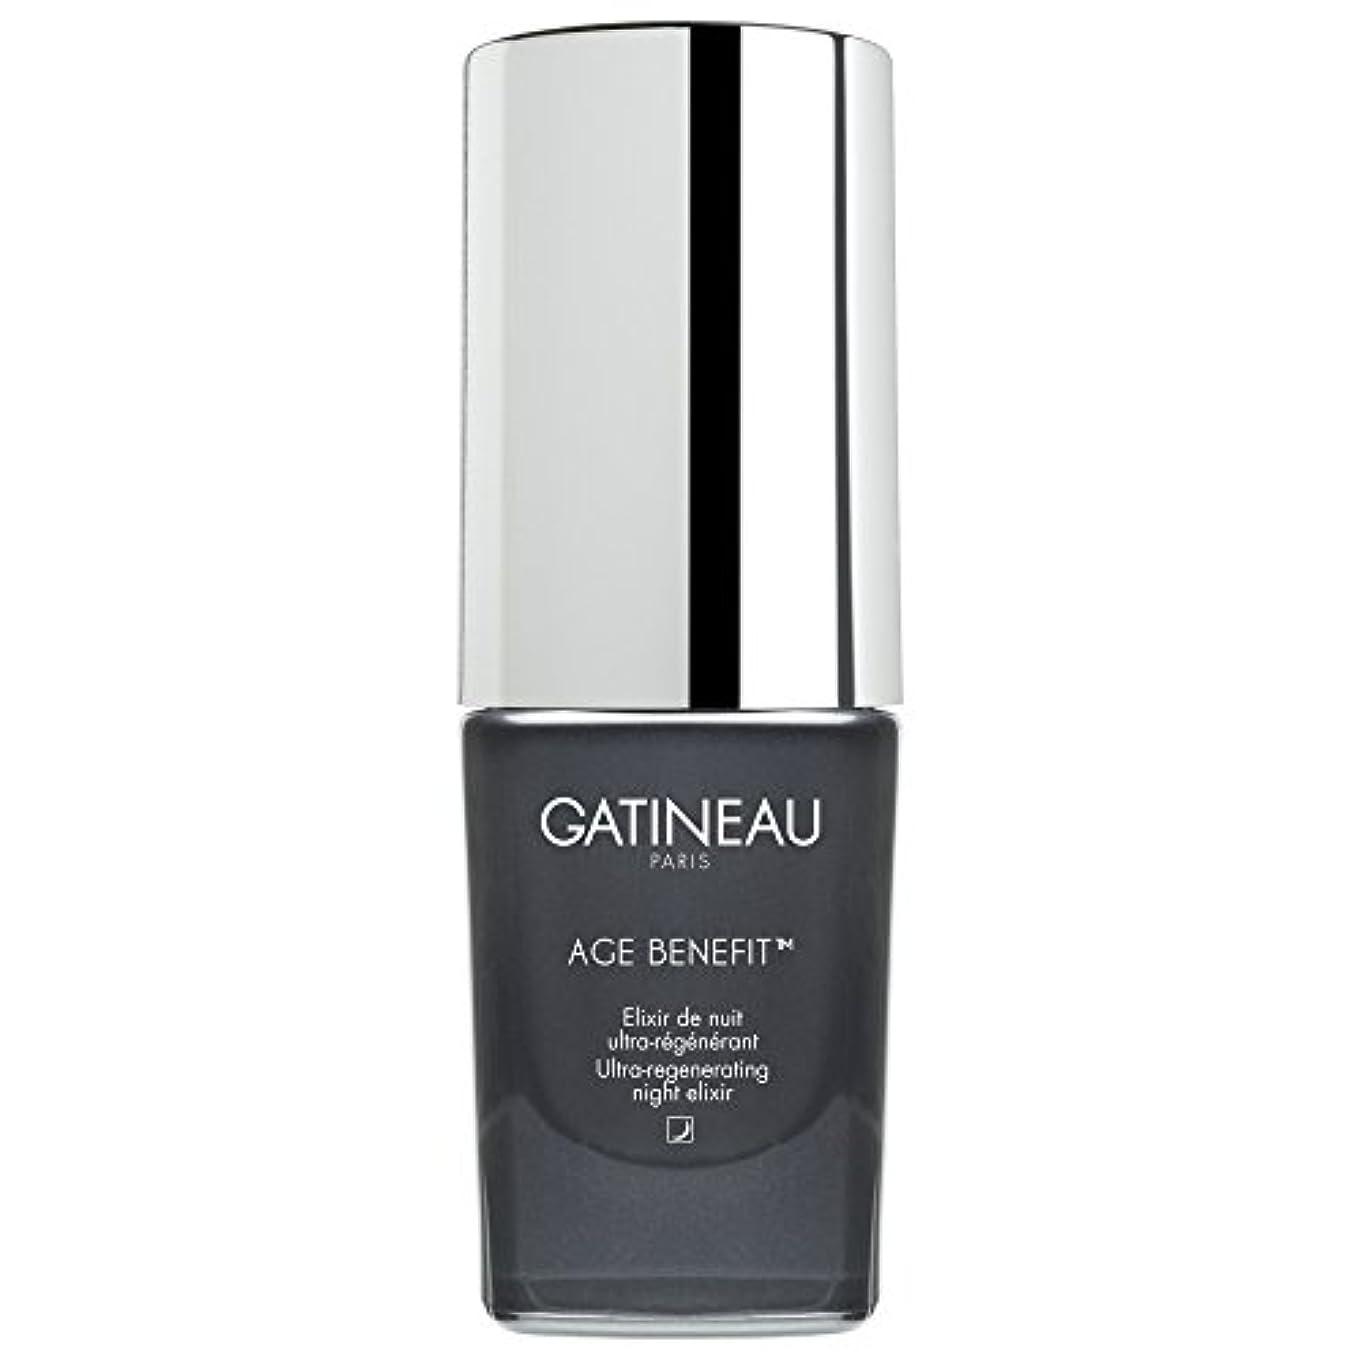 サーフィン泣き叫ぶストライプガティノー年齢給付超再生夜のエリクシルの15ミリリットル (Gatineau) (x6) - Gatineau Age Benefit Ultra-Regenerating Night Elixir 15ml (Pack...